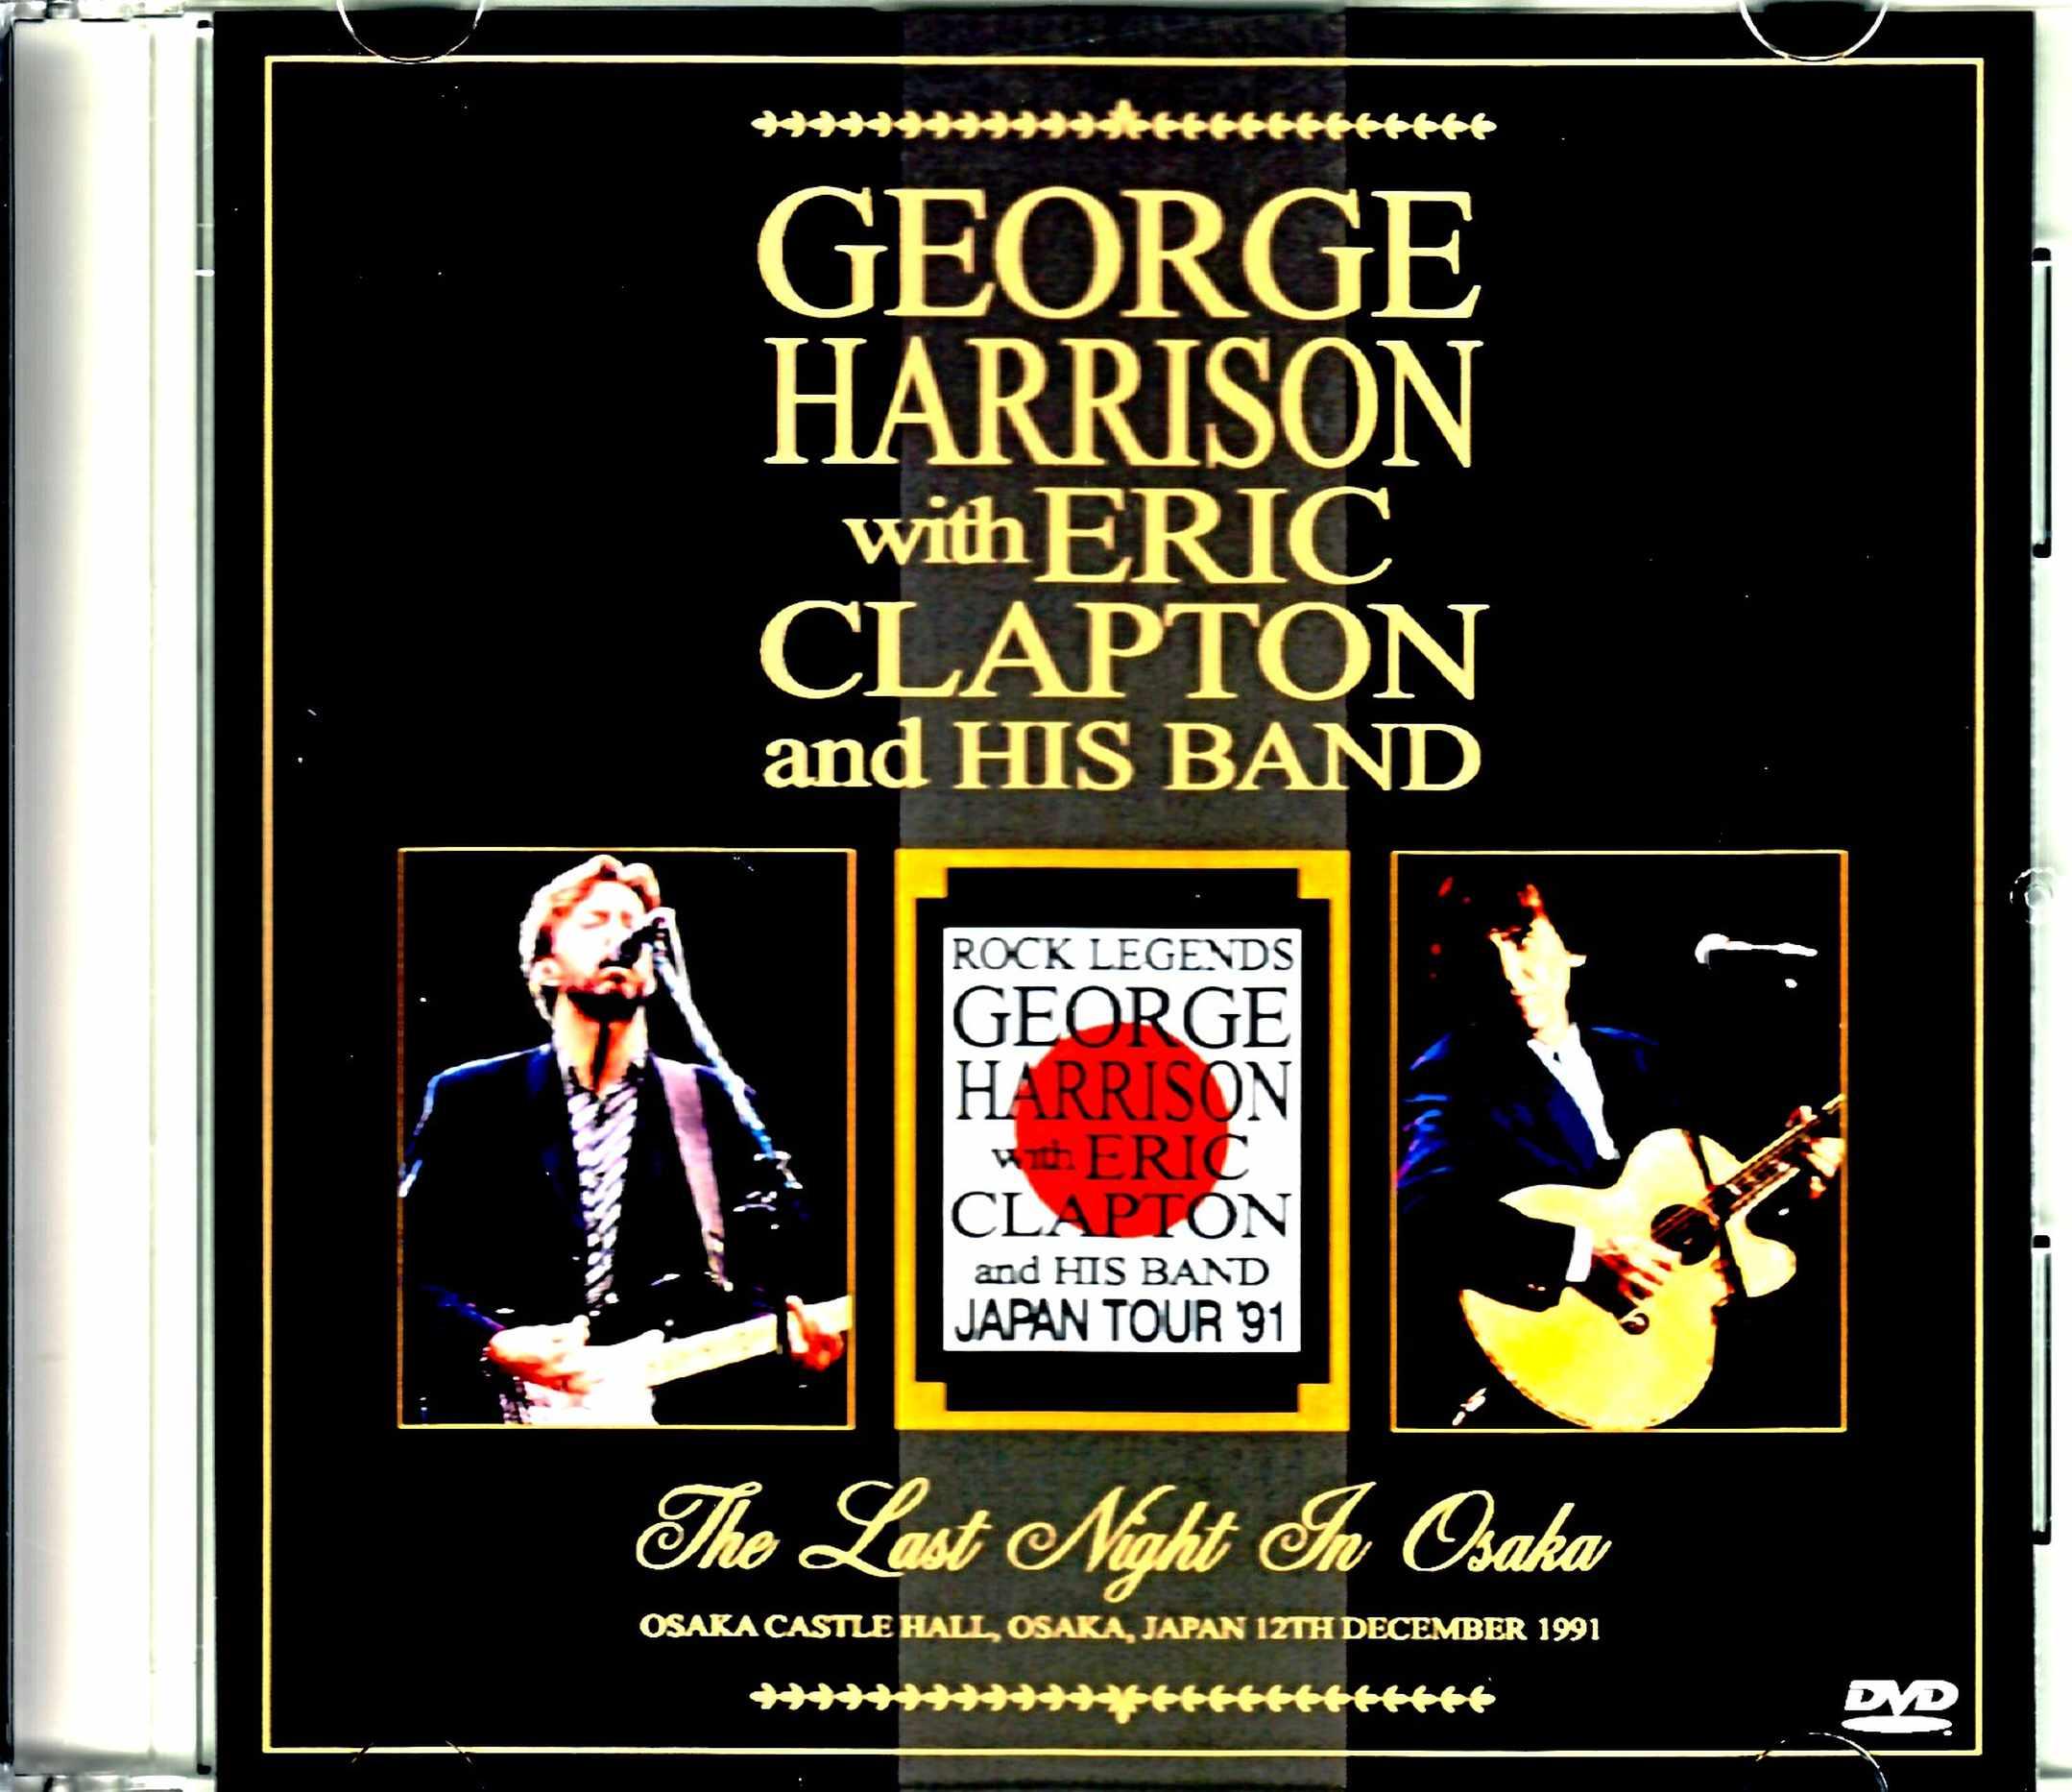 George Harrison,Eric Clapton ジョージ・ハリソン エリック・クラプトン/Osaka,Japan 12.12.1991